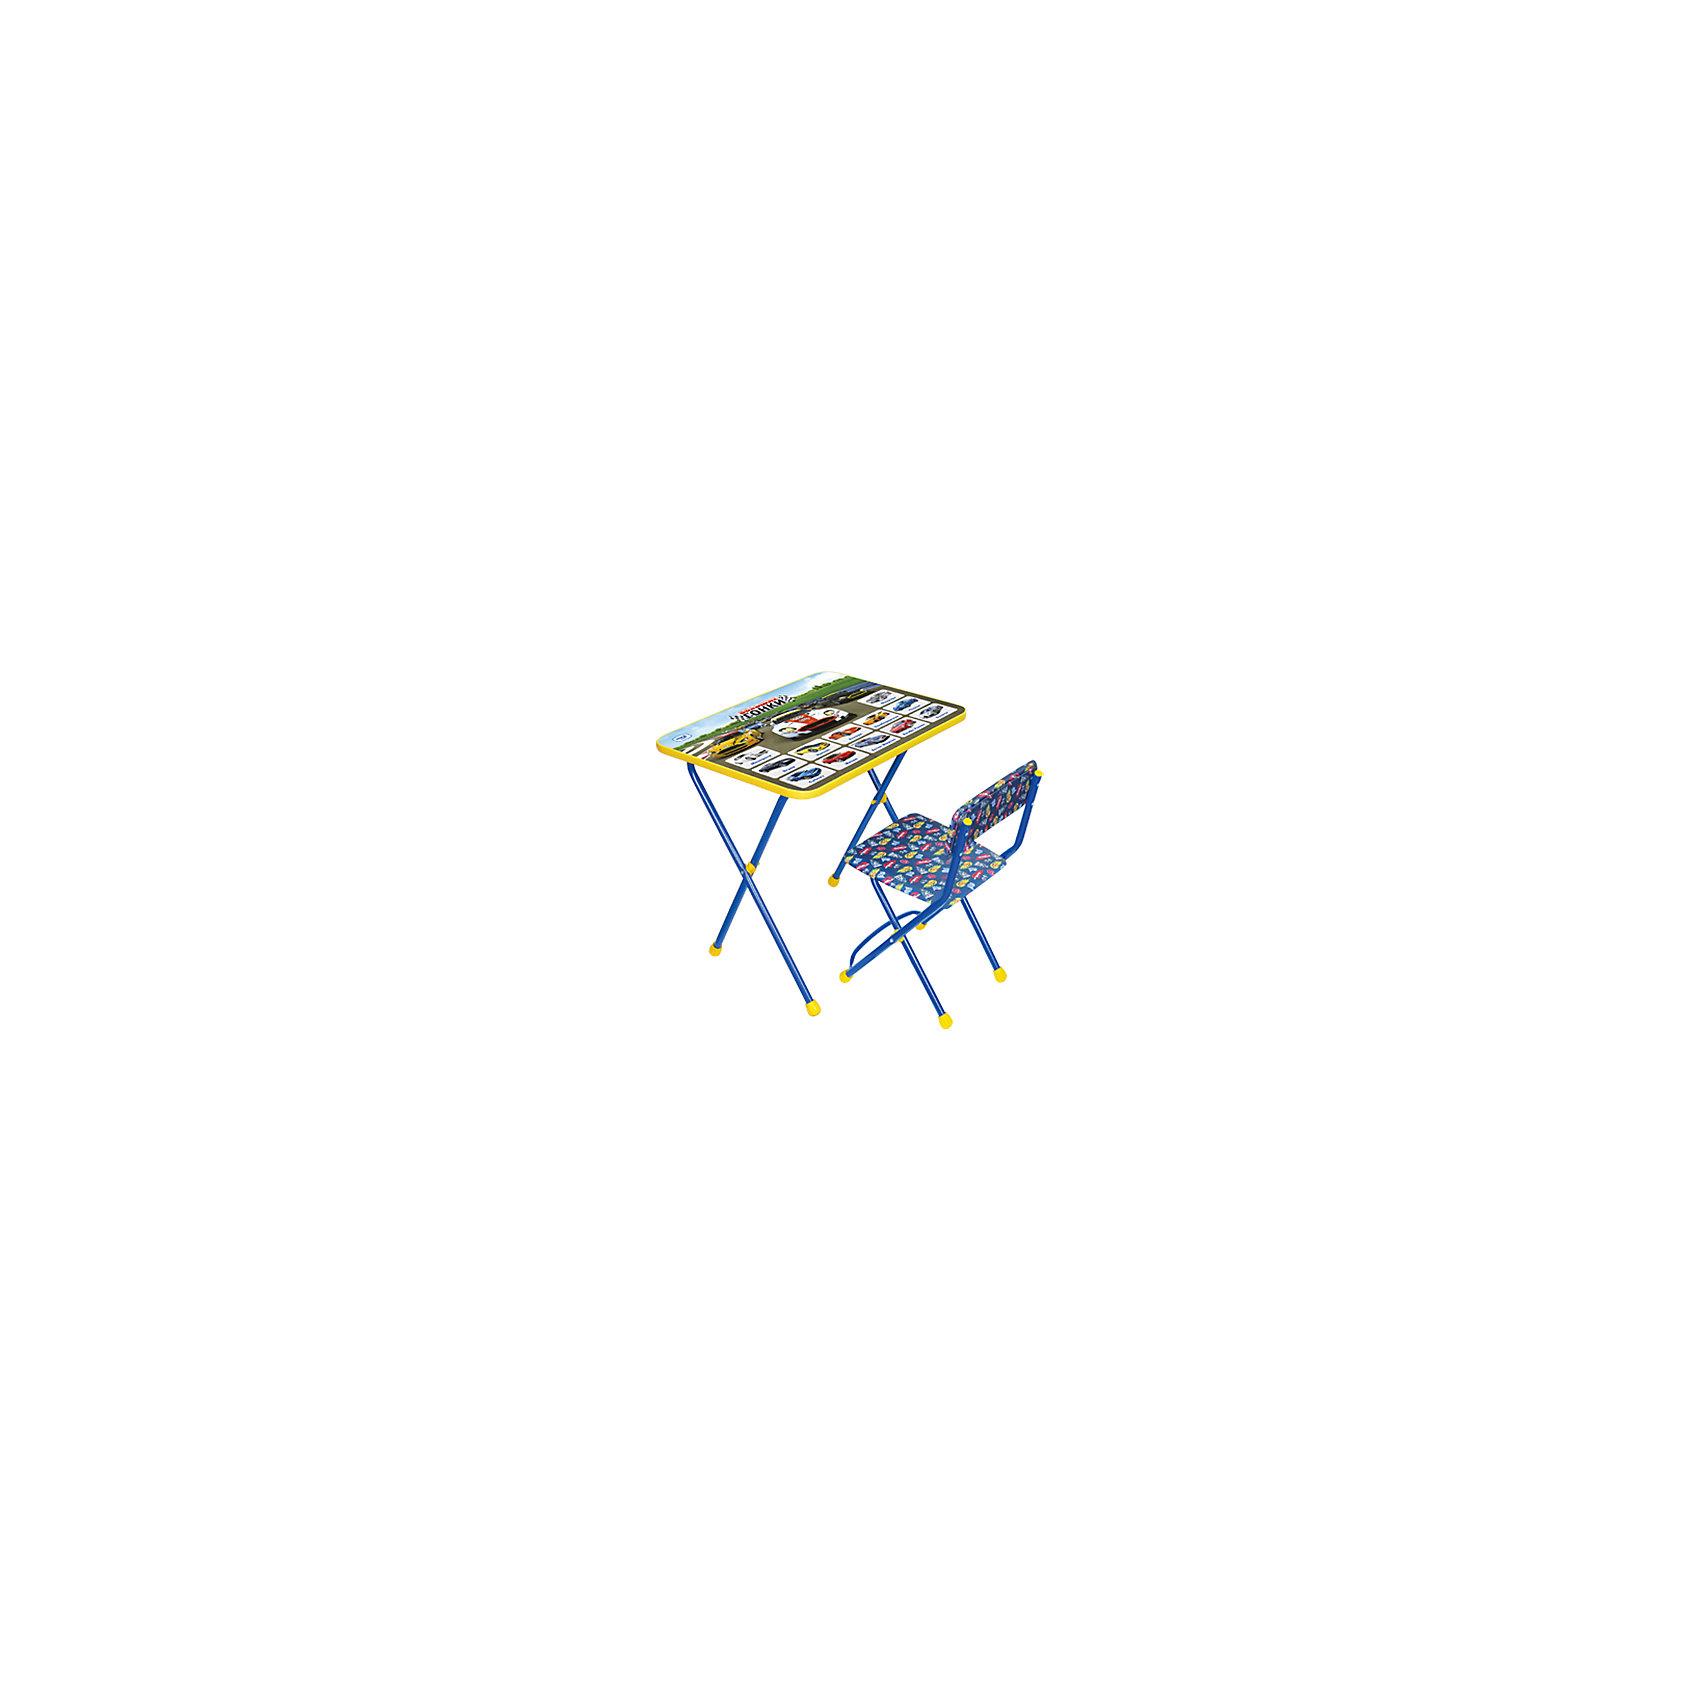 Набор мебели Большие гонкиНабор детской мебели Большие гонки состоит из двух предметов: стол-парта и стульчик.  На крышке столика изображен алфавит с картинками. <br><br>Дополнительная информация:<br><br>В комплект входит стол-парта и стул с мягким сиденьем.<br>- Металлический каркас.<br>- Столешница облицована пленкой с тематическими рисунками.<br>- На ножках стула установлены пластмассовые наконечники.<br>- Размер столика: 59х45х57 см.<br>- Размер стула: высота до сиденья 32 см, высота со спинкой 56 см.<br>Сиденье: 30х27 см.<br>- Возраст: от 3-х лет<br><br>Набор мебели Большие гонки можно купить в нашем магазине.<br><br>Ширина мм: 580<br>Глубина мм: 120<br>Высота мм: 450<br>Вес г: 8000<br>Возраст от месяцев: 36<br>Возраст до месяцев: 108<br>Пол: Унисекс<br>Возраст: Детский<br>SKU: 4718351